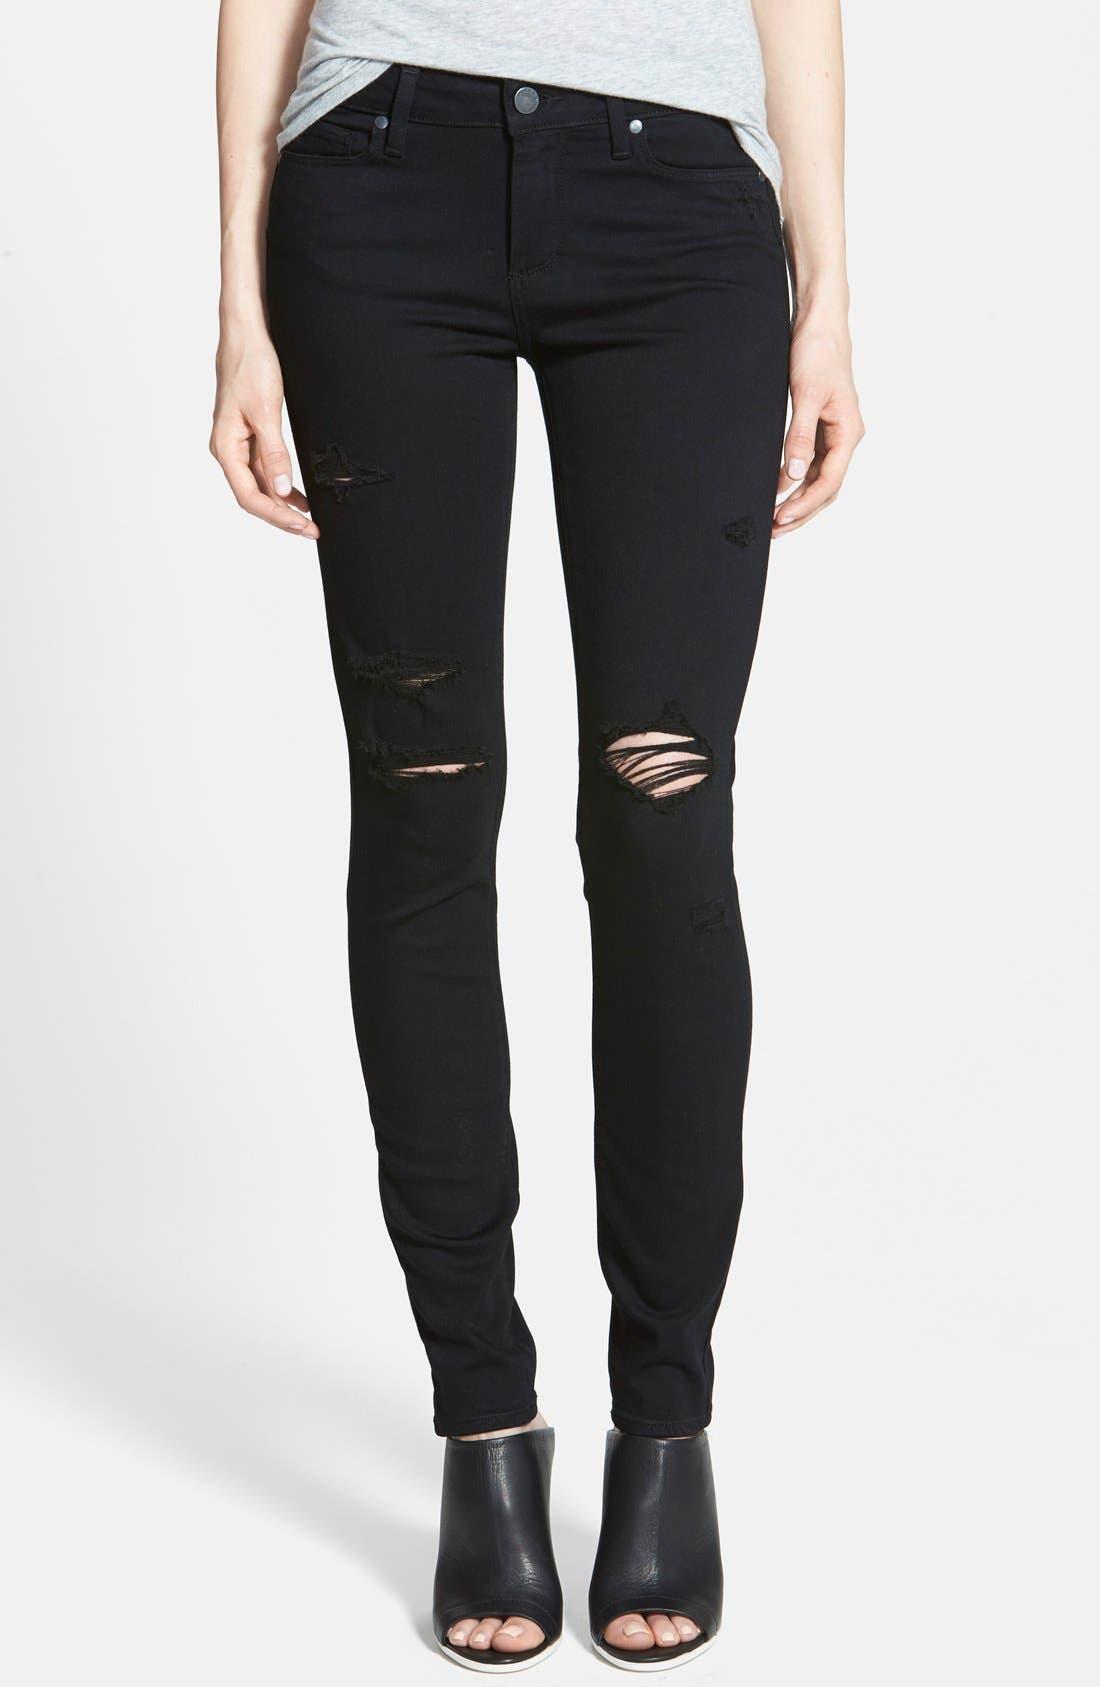 Transcend - Verdugo Ultra Skinny Jeans,                         Main,                         color, Black Destructed